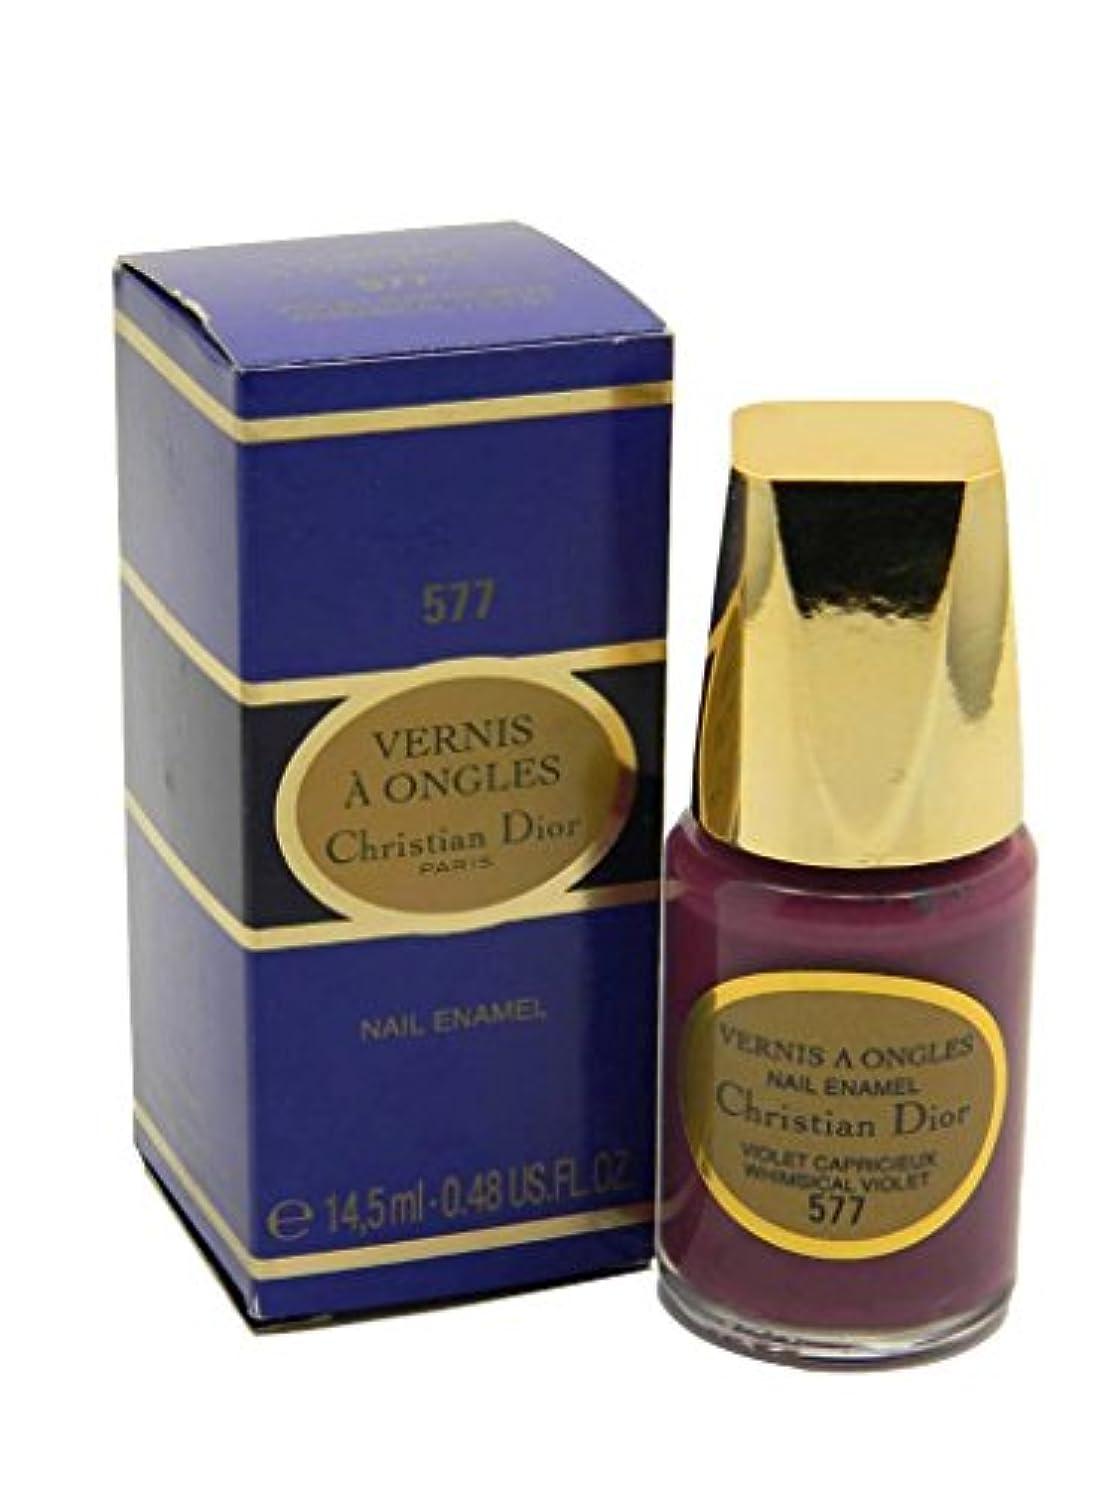 デジタルキャップとまり木Dior Vernis A Ongles Nail Enamel Polish 577 Whimsical Violet(ディオール ヴェルニ ア オングル ネイルエナメル ポリッシュ 577 ウィムジカル バイオレット...